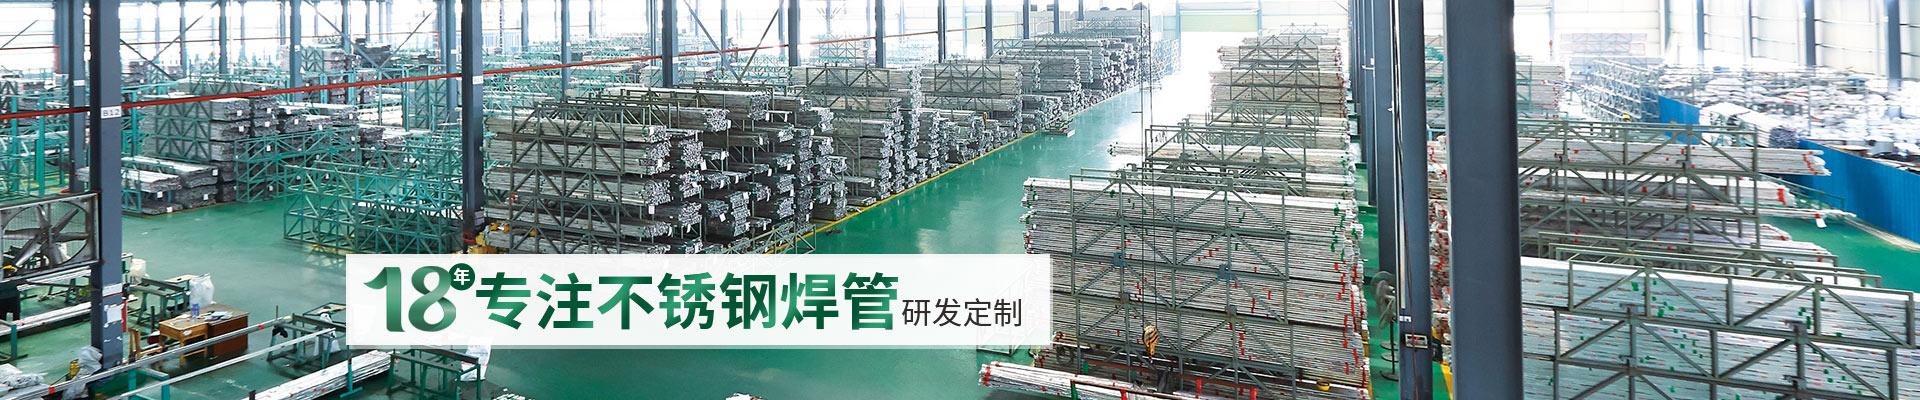 双兴-18年专注不锈钢焊管研发定制